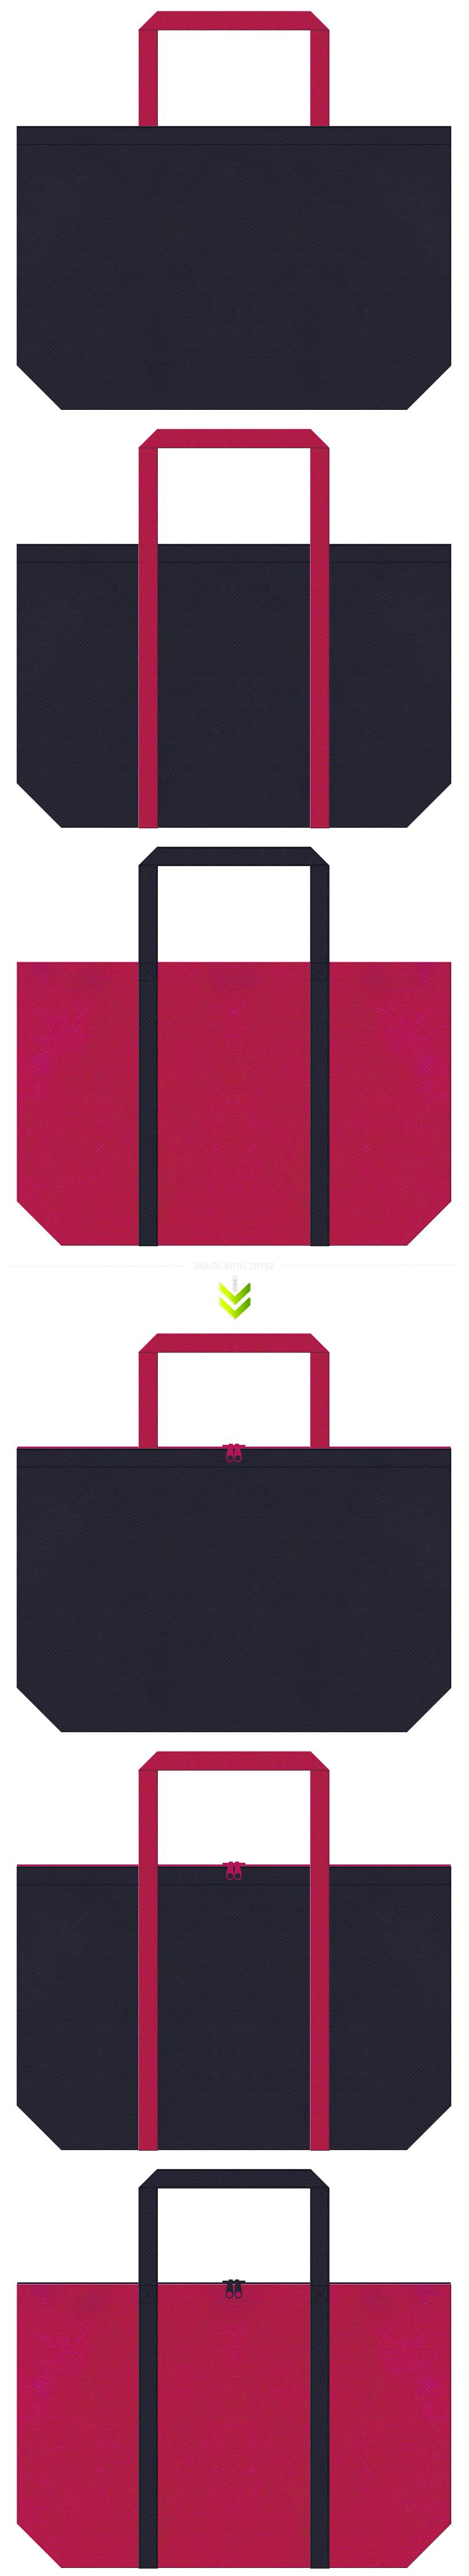 濃紺色と濃いピンク色の不織布エコバッグのデザイン。スポーティーファッションのショッピングバッグにお奨めです。